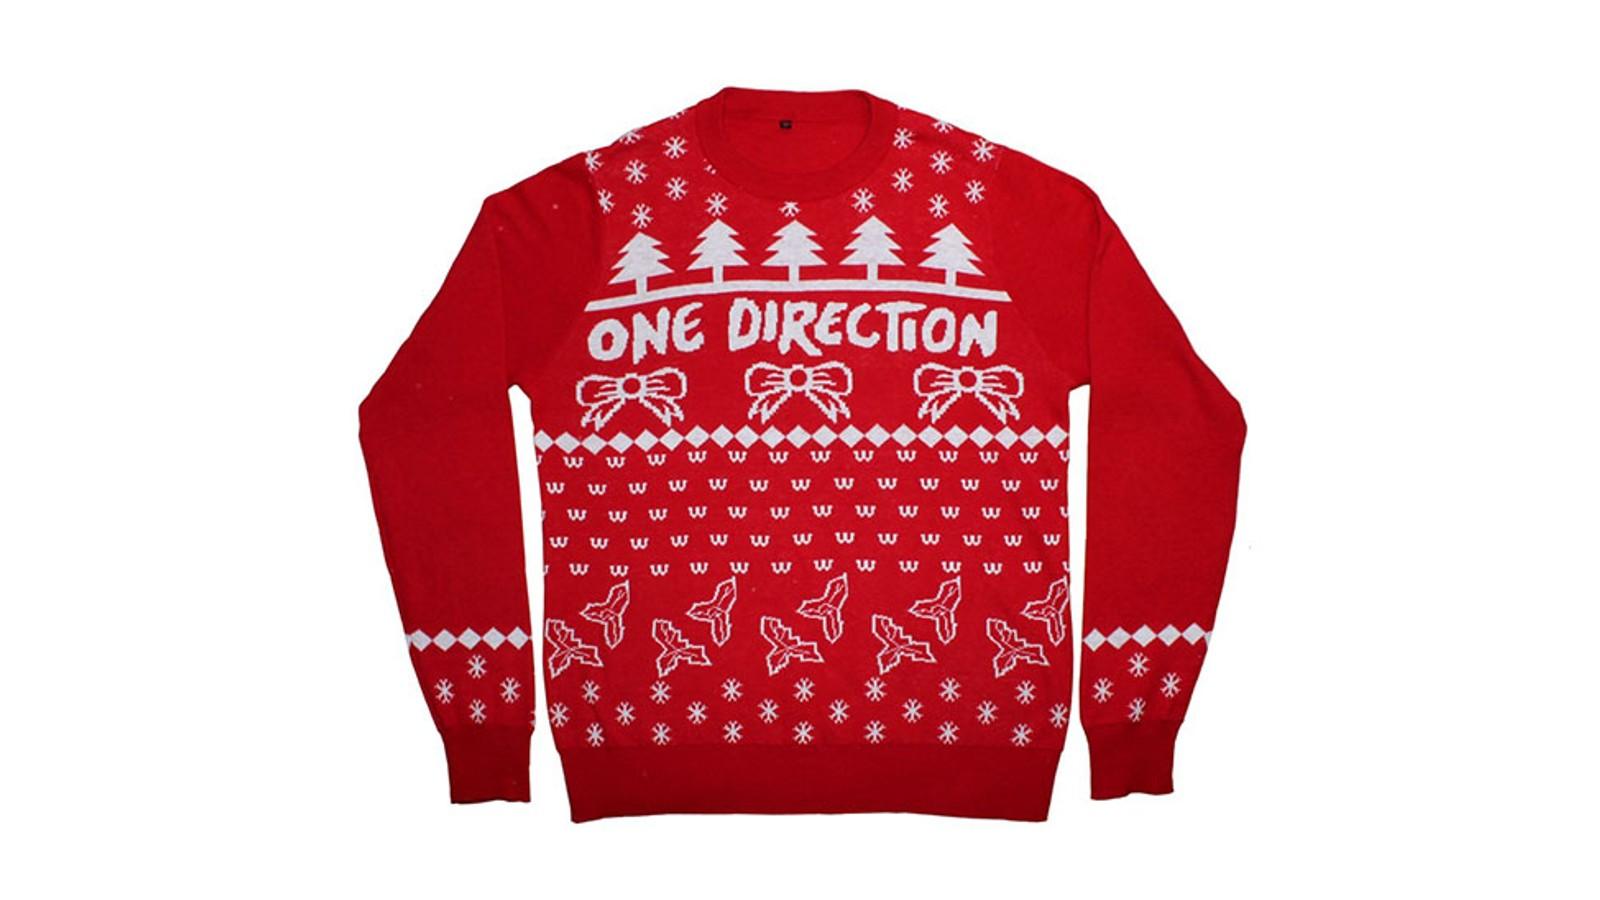 De fleste bandjulegenserne kommer fra rock- og heavy metalband, men om du liker musikken litt mykere, og genserene litt enklere, så kan denne genseren fra One Direction være noe for deg.